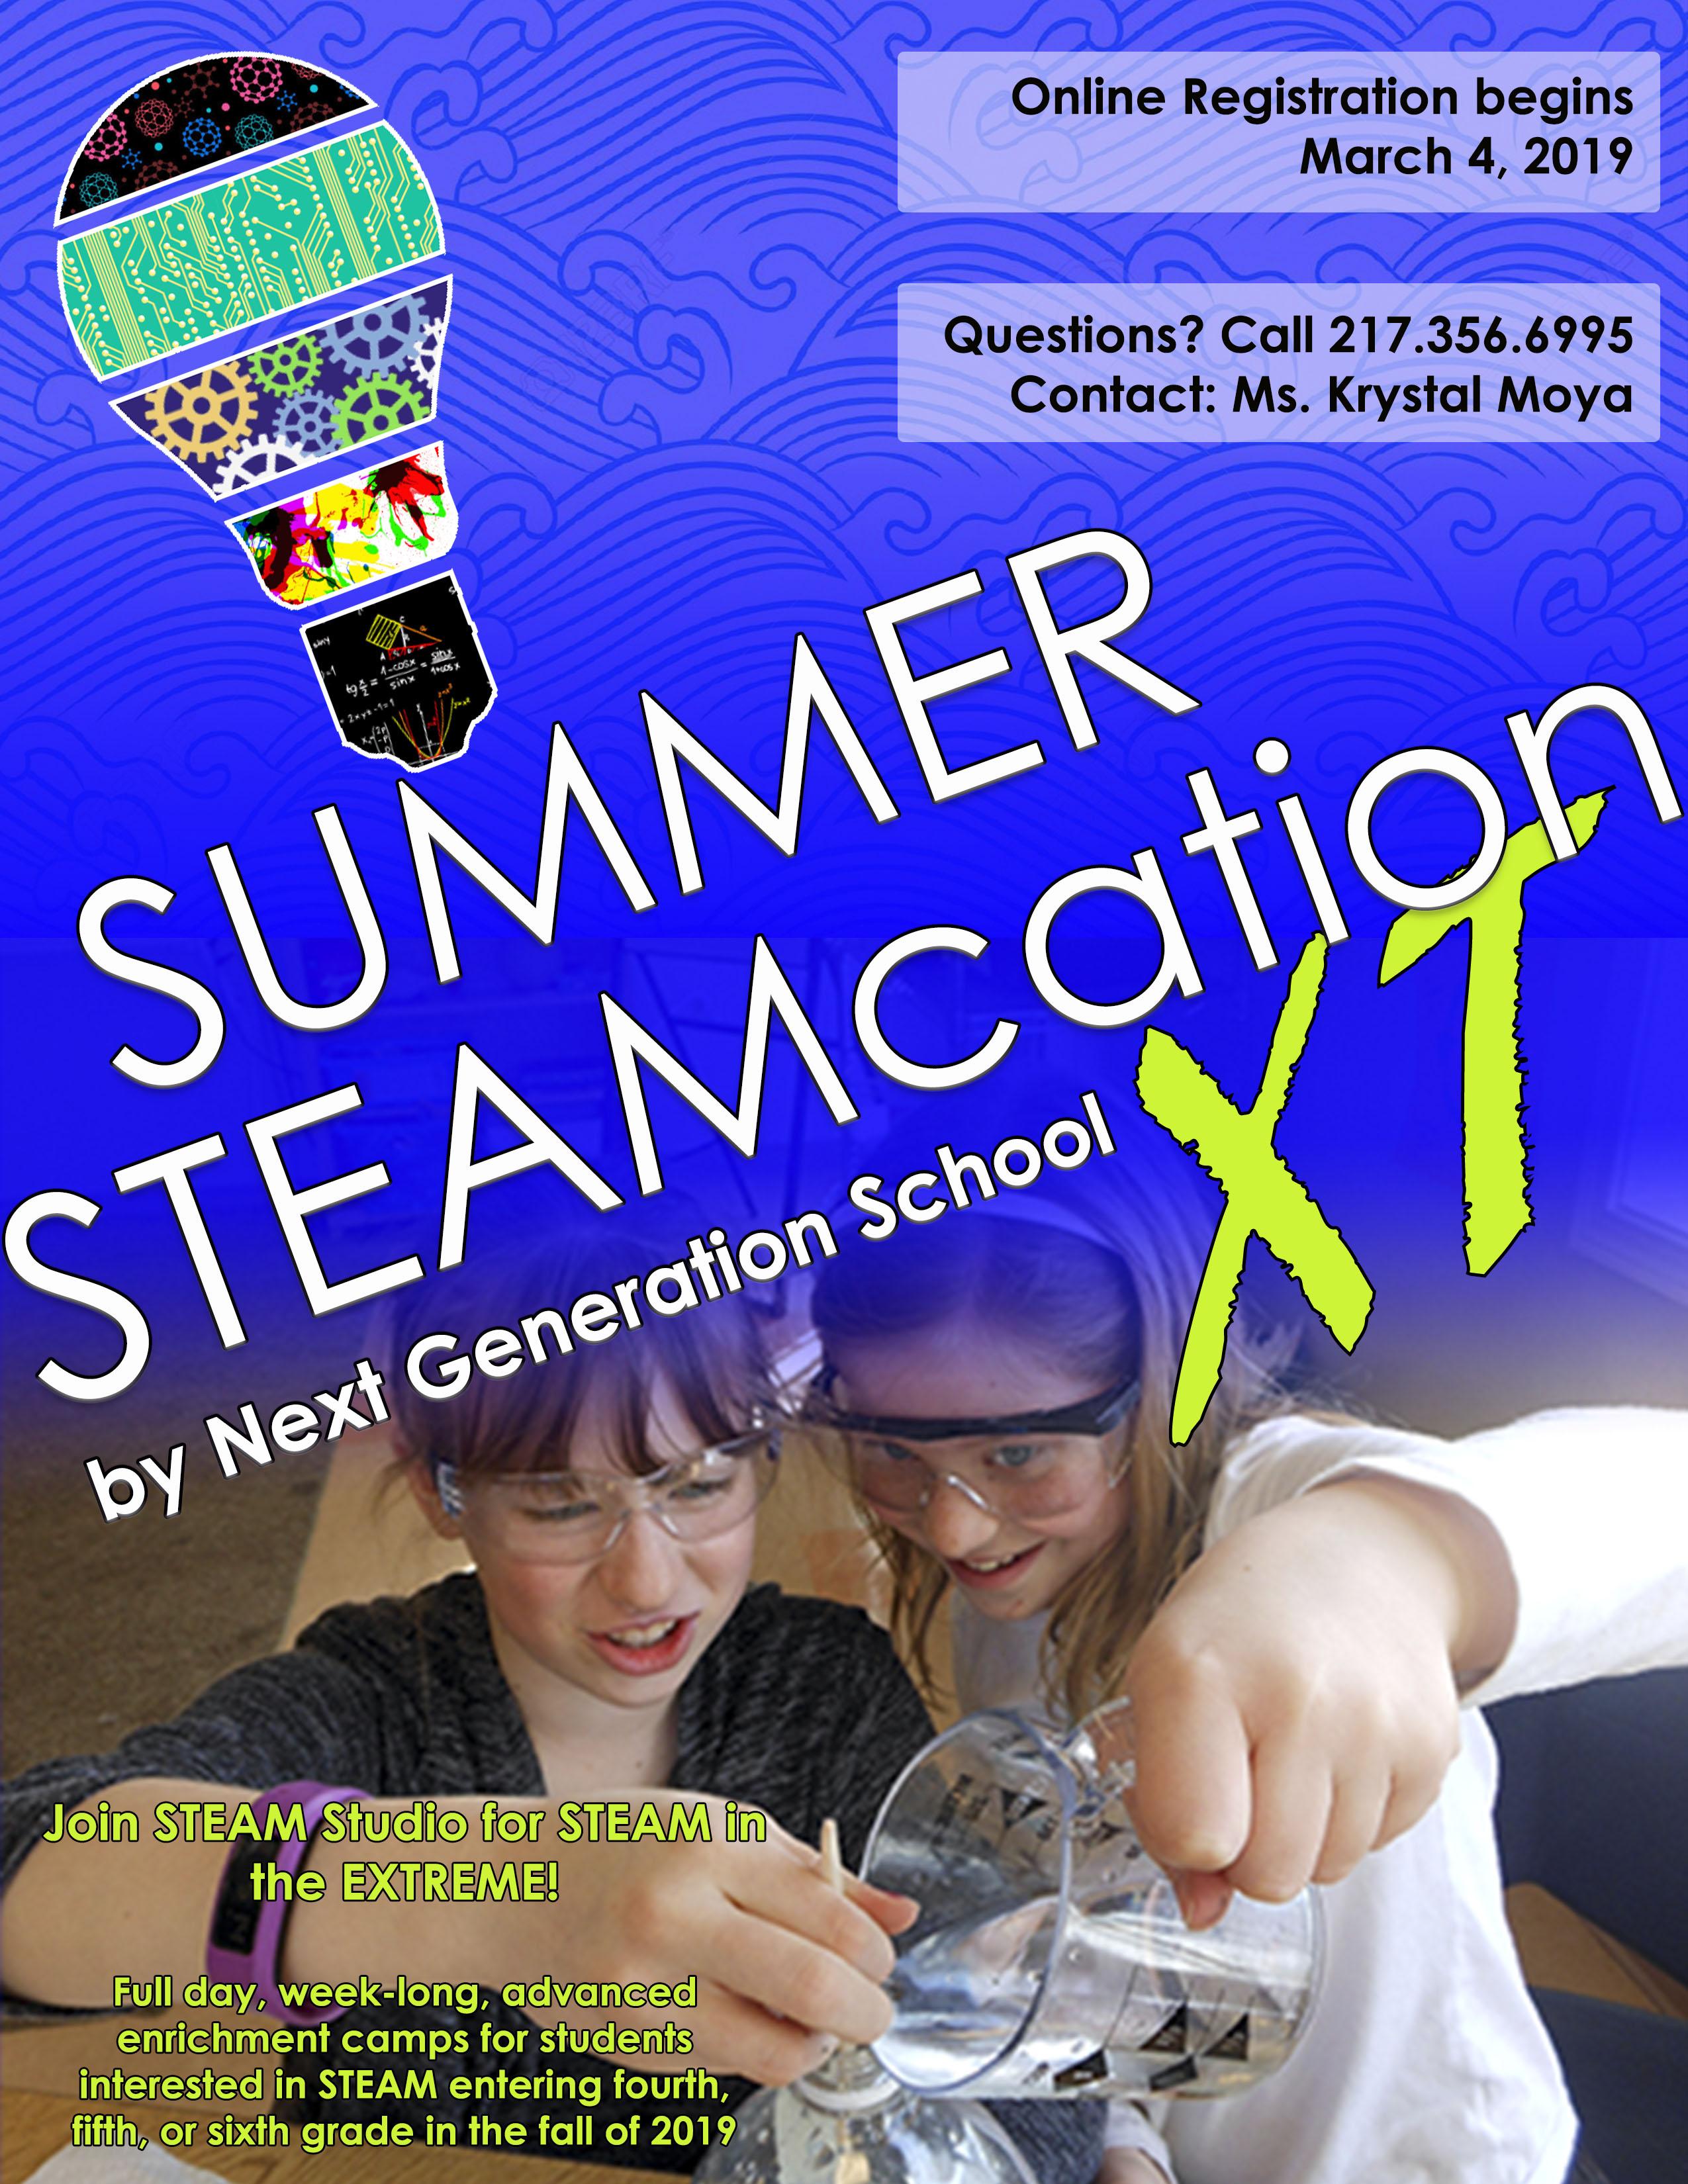 Summer STEAMcation - Next Generation School